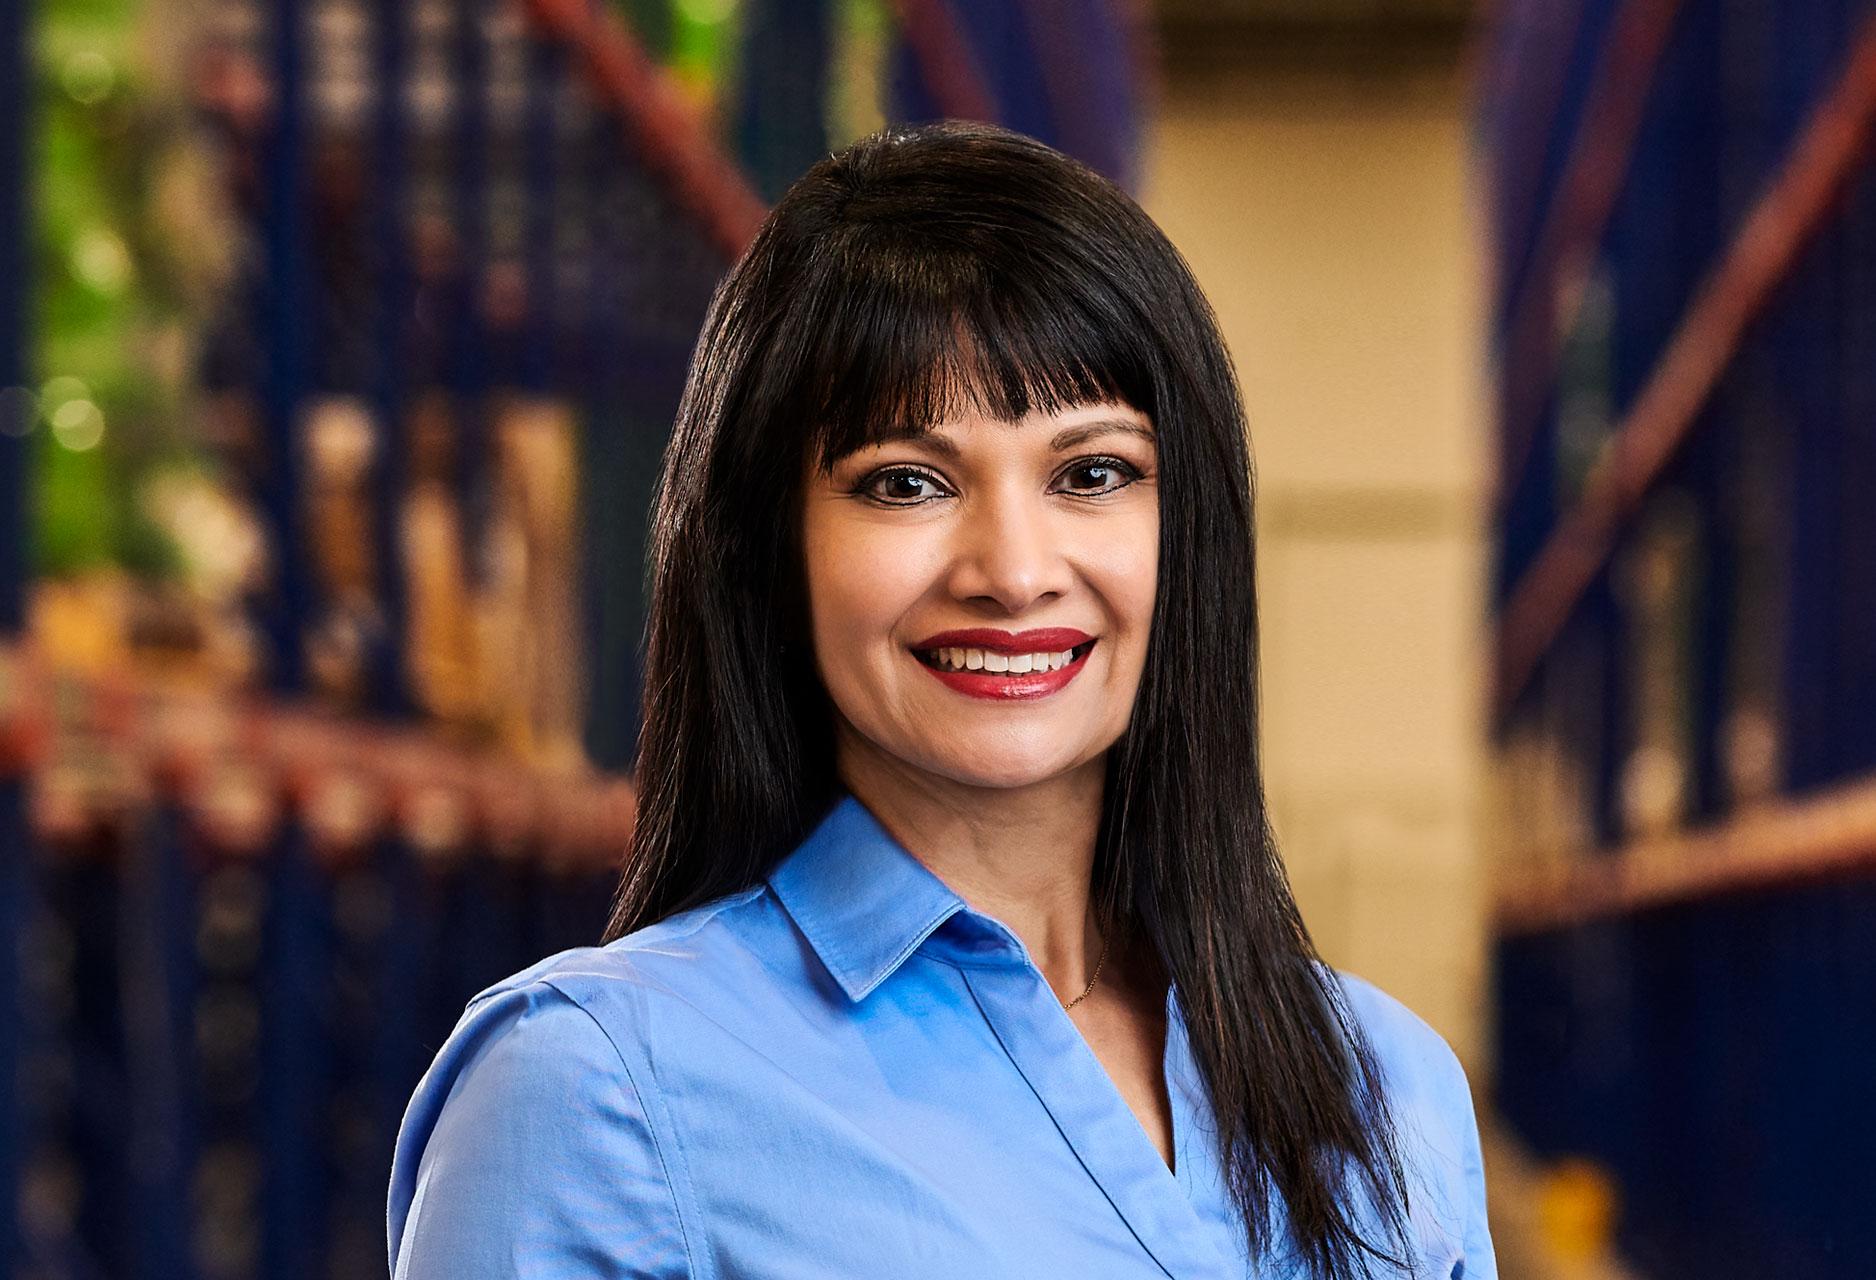 Naysa Hernandez - RJW - VP Human Resources